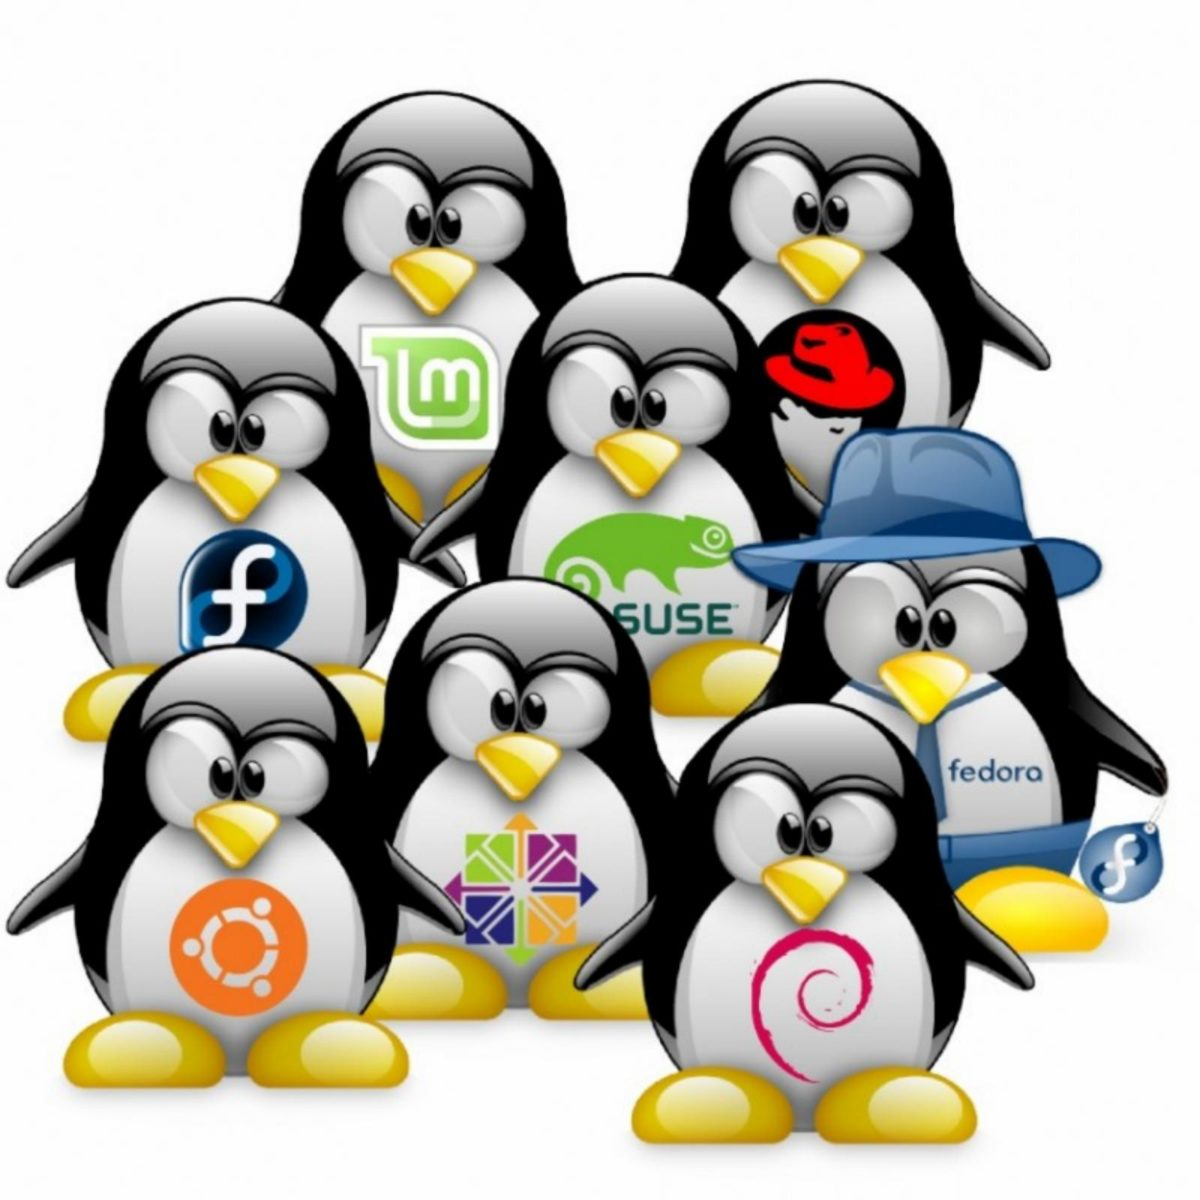 Especial Mesa Redonda : Estado actual del software libre y GNU/Linux, terminado 2017 y comenzando 2018.